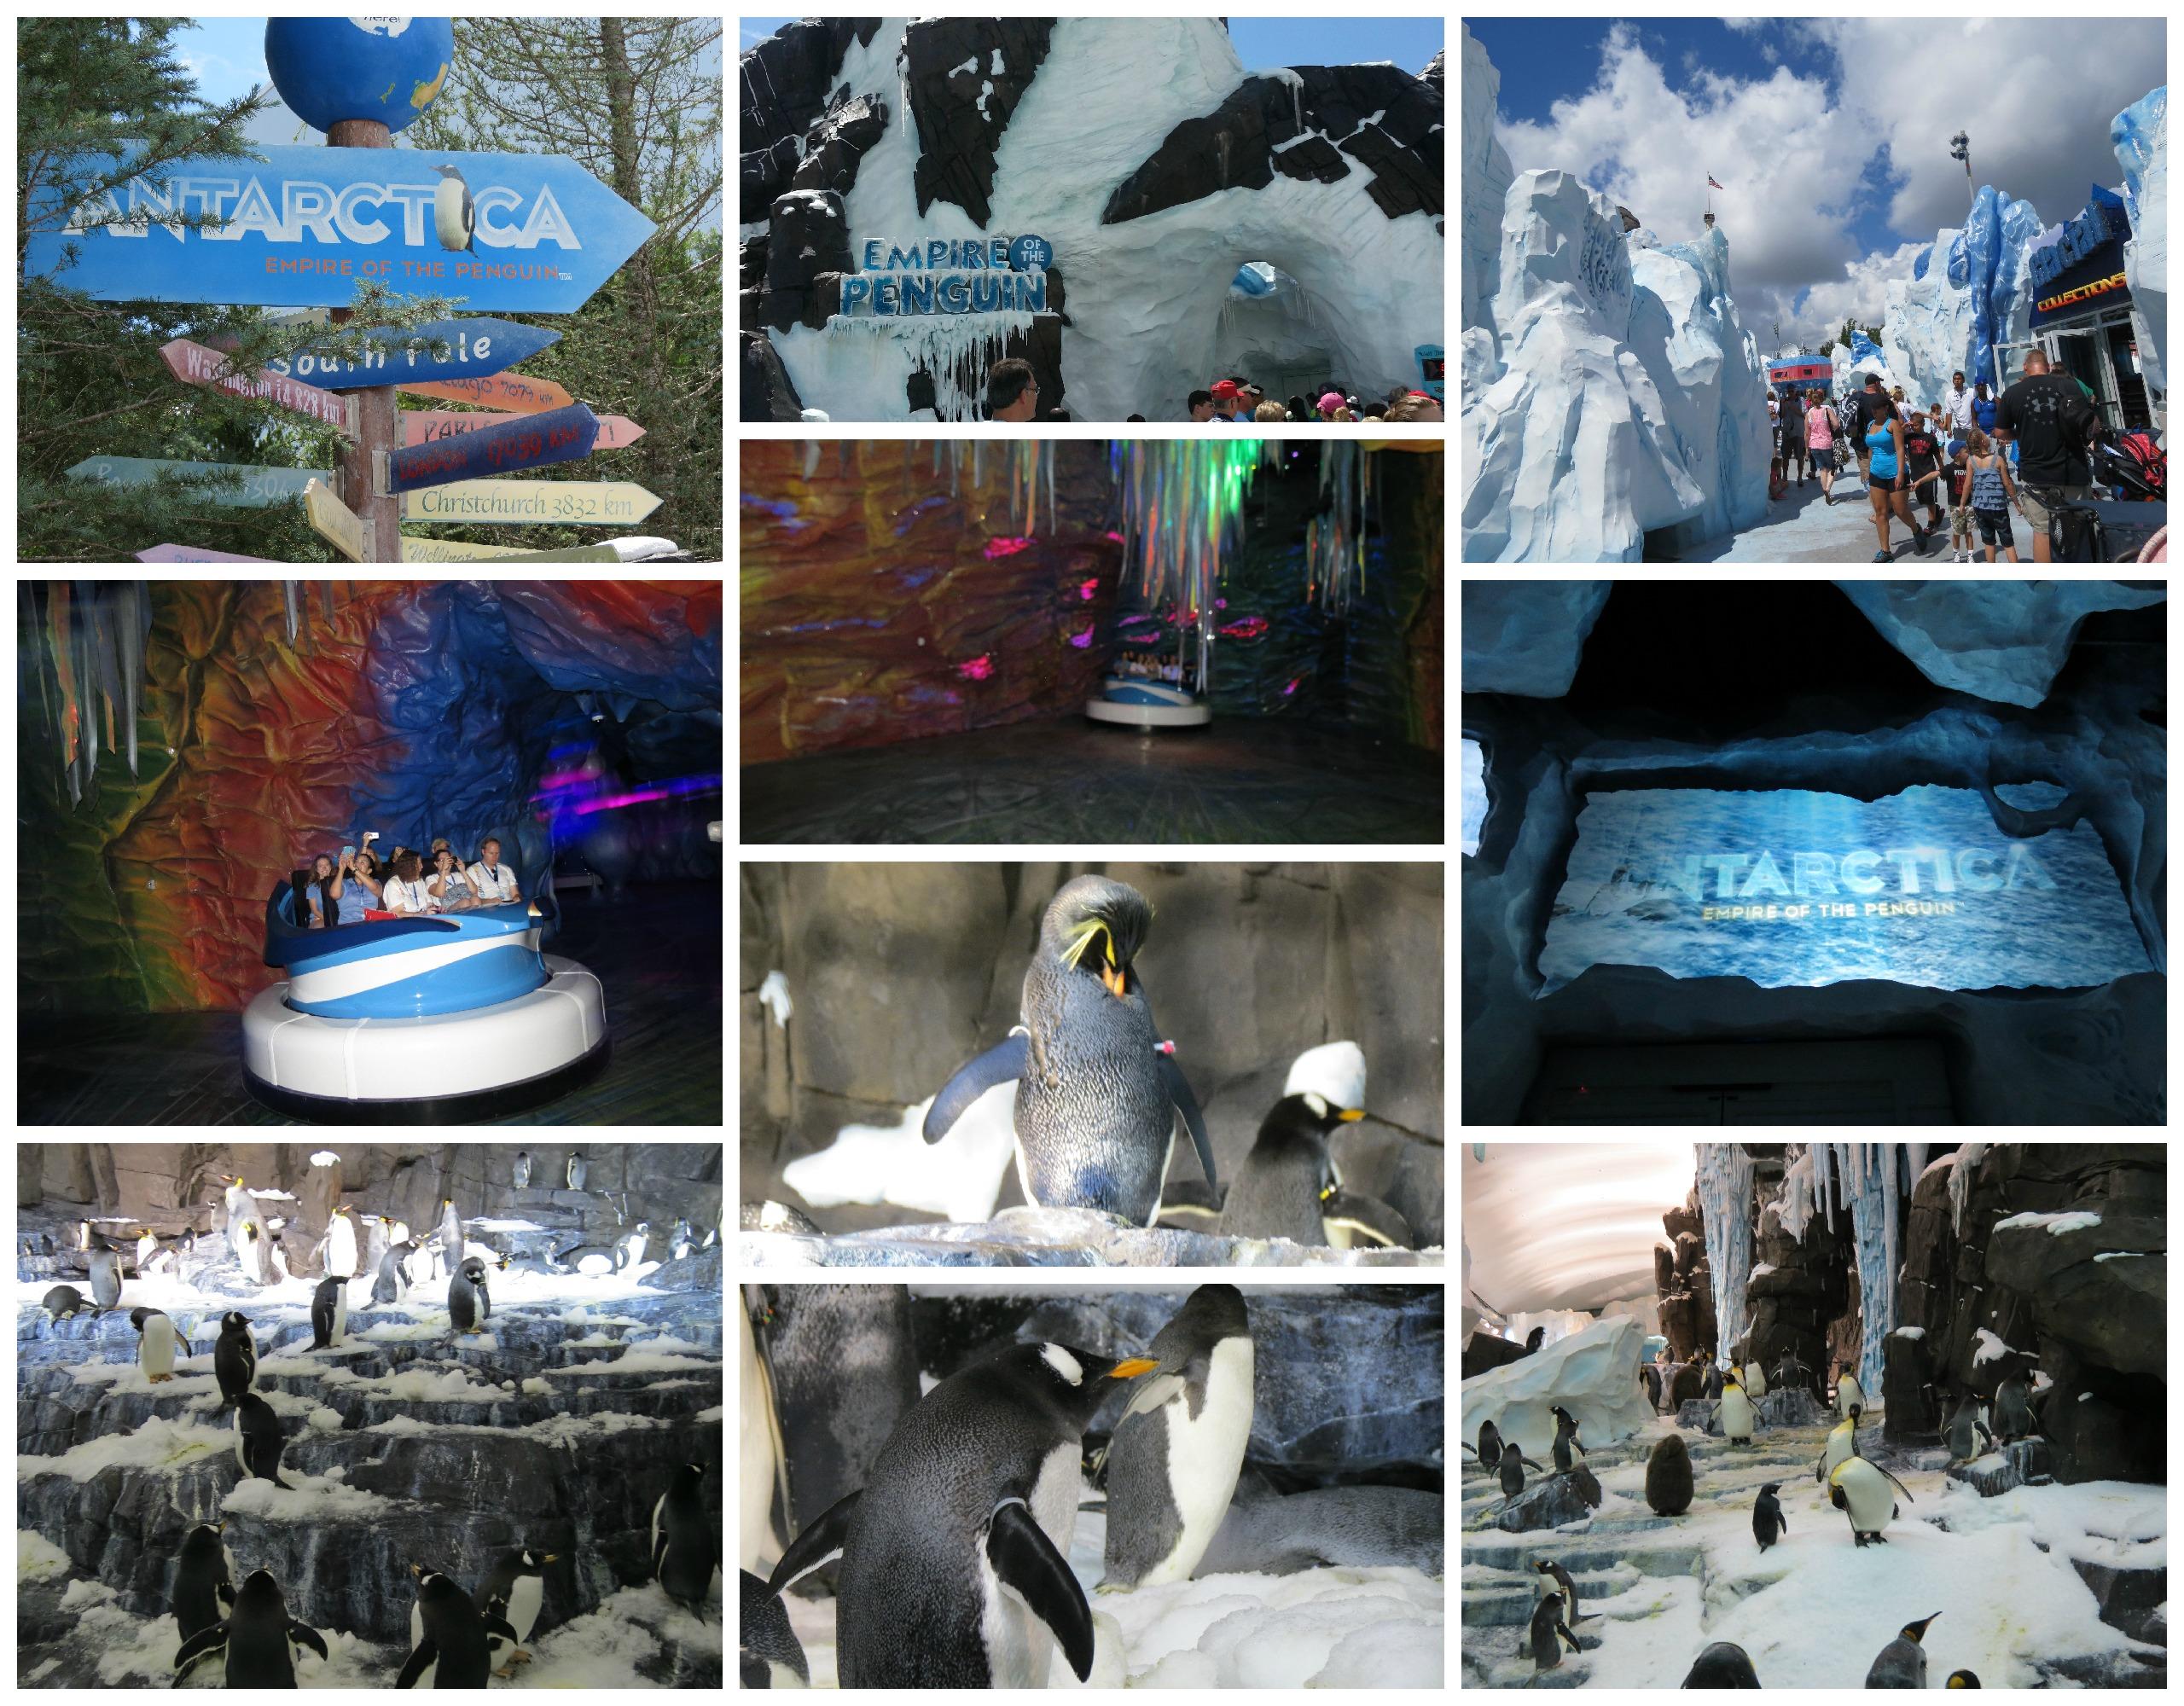 antartica exhibit at seaworld